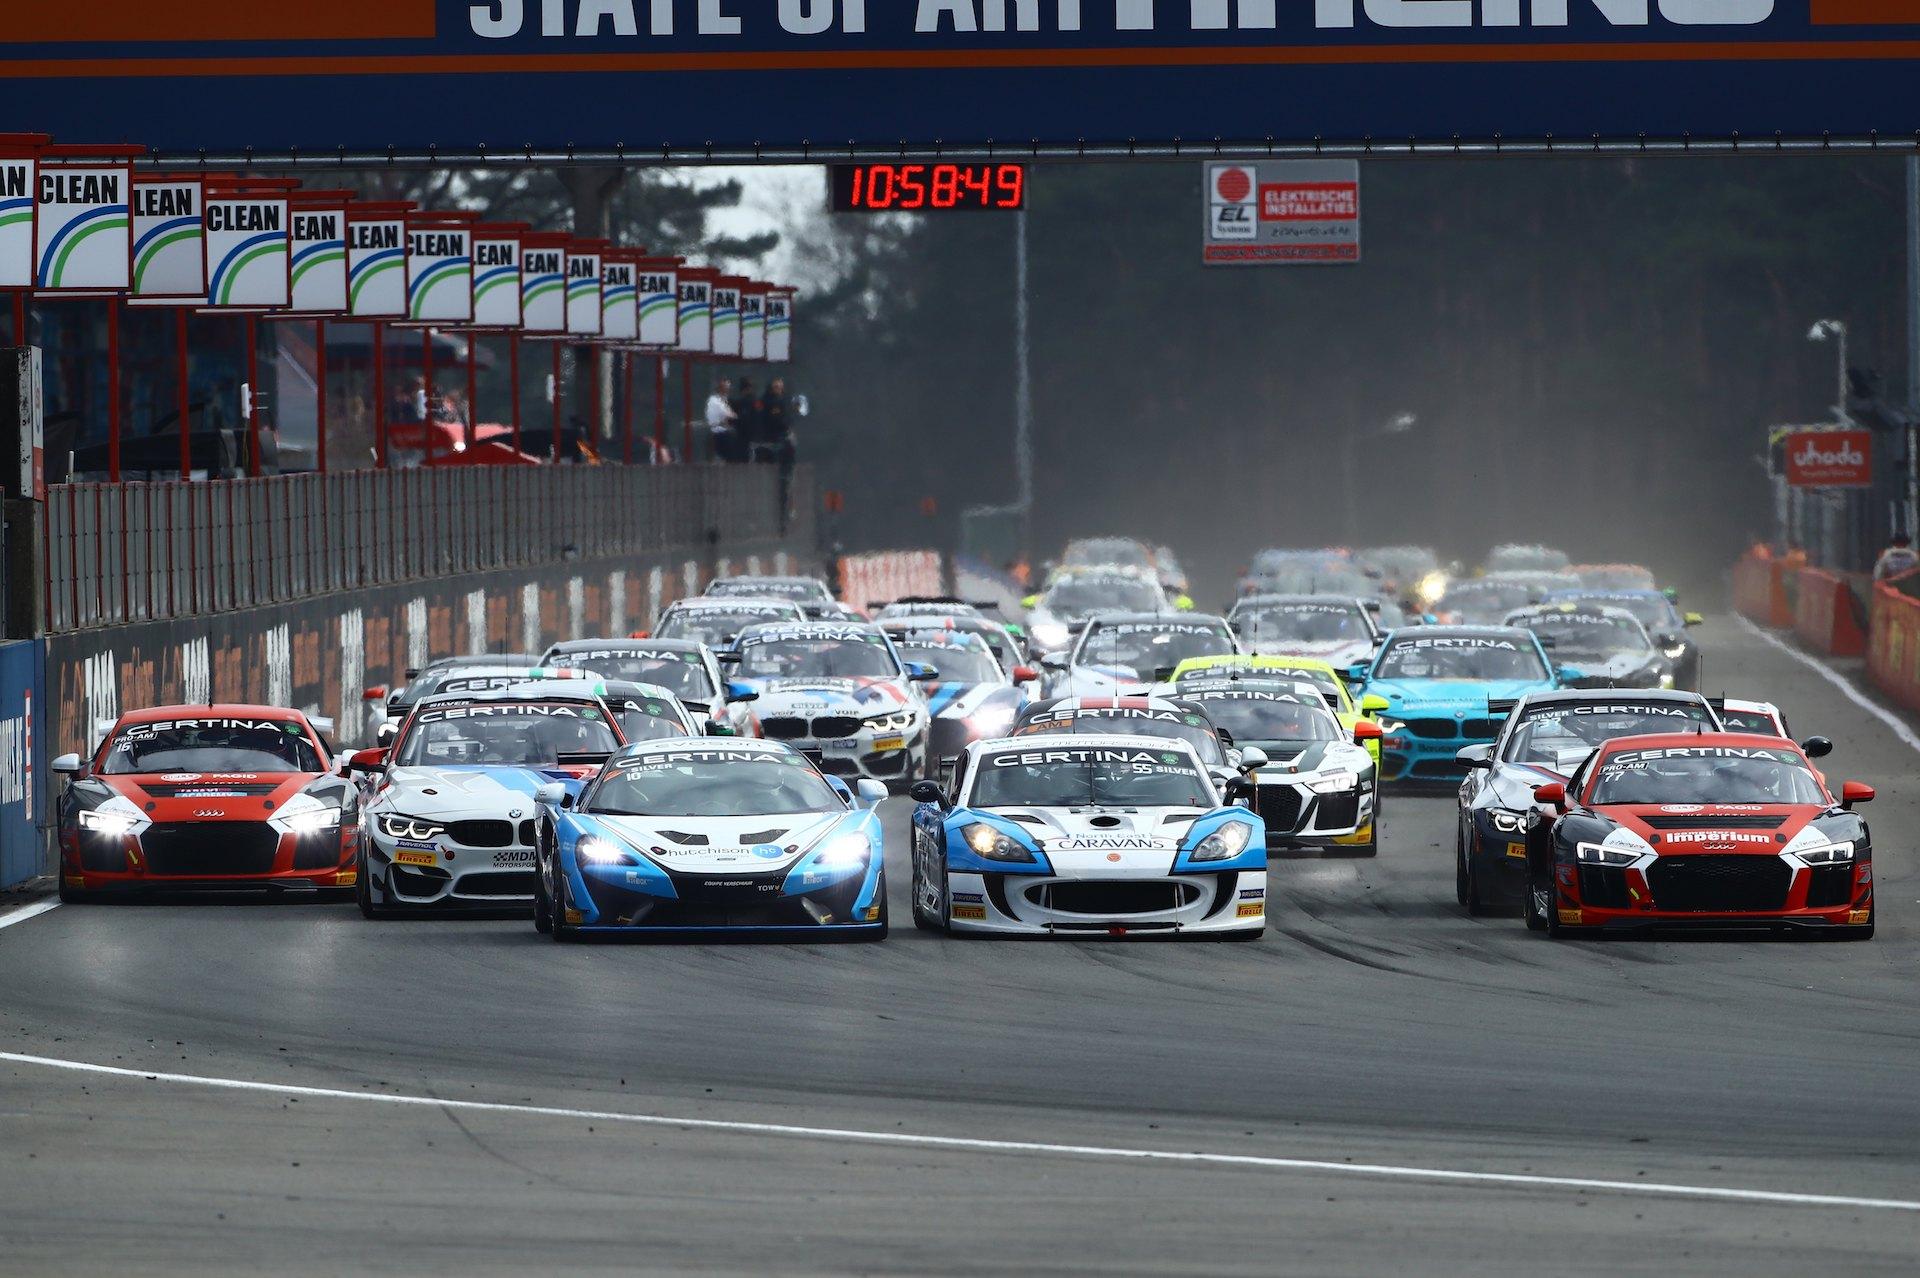 Certina ofizieller Partner der europäischen GT4-Meisterschaft